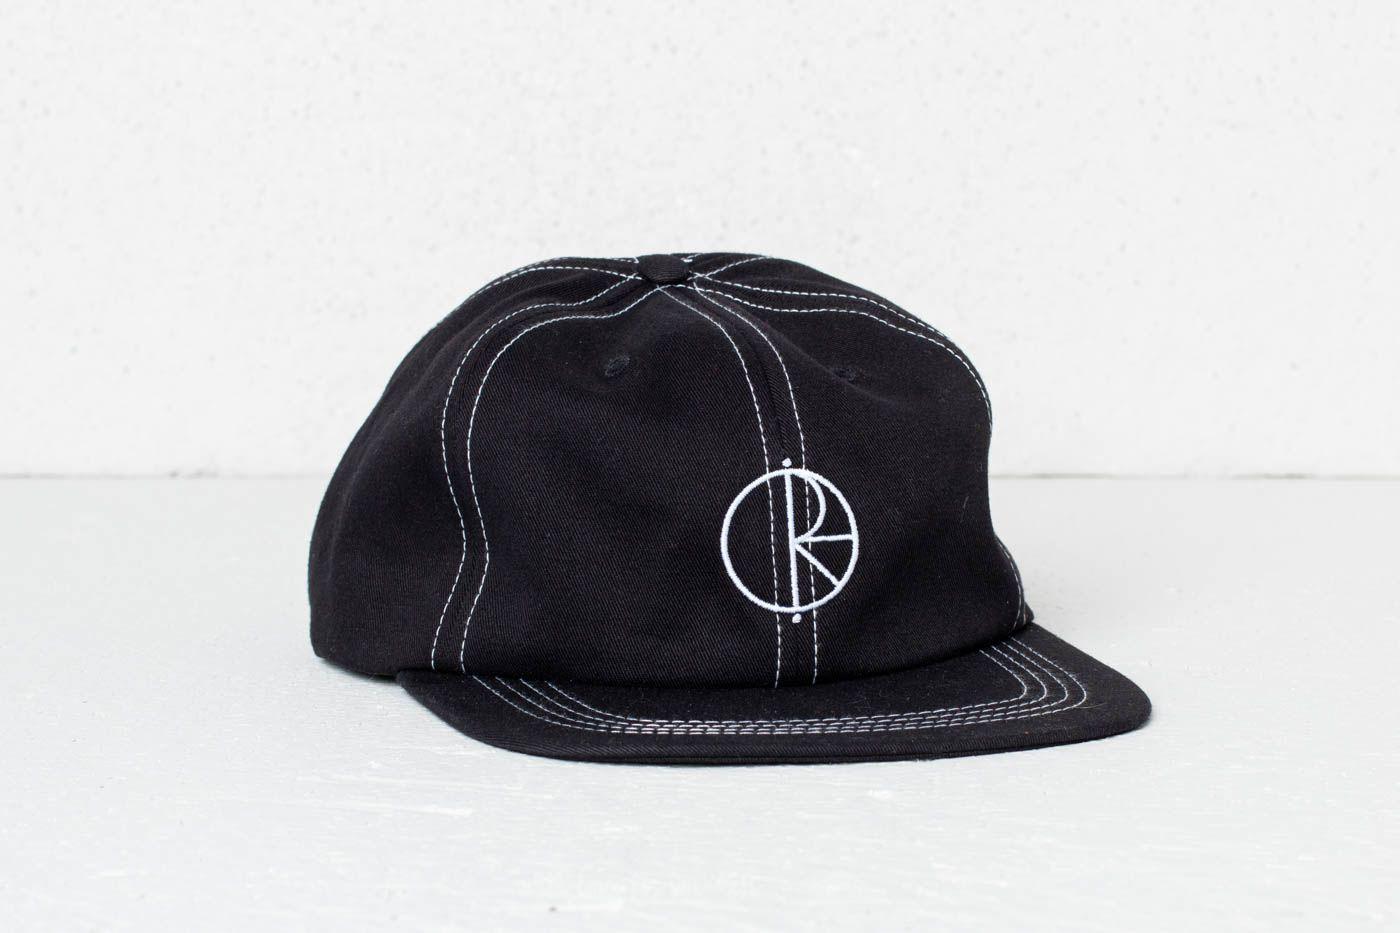 Polar Skate Co. Contrast Cap Black za skvělou cenu 520 Kč koupíte na Footshop.cz